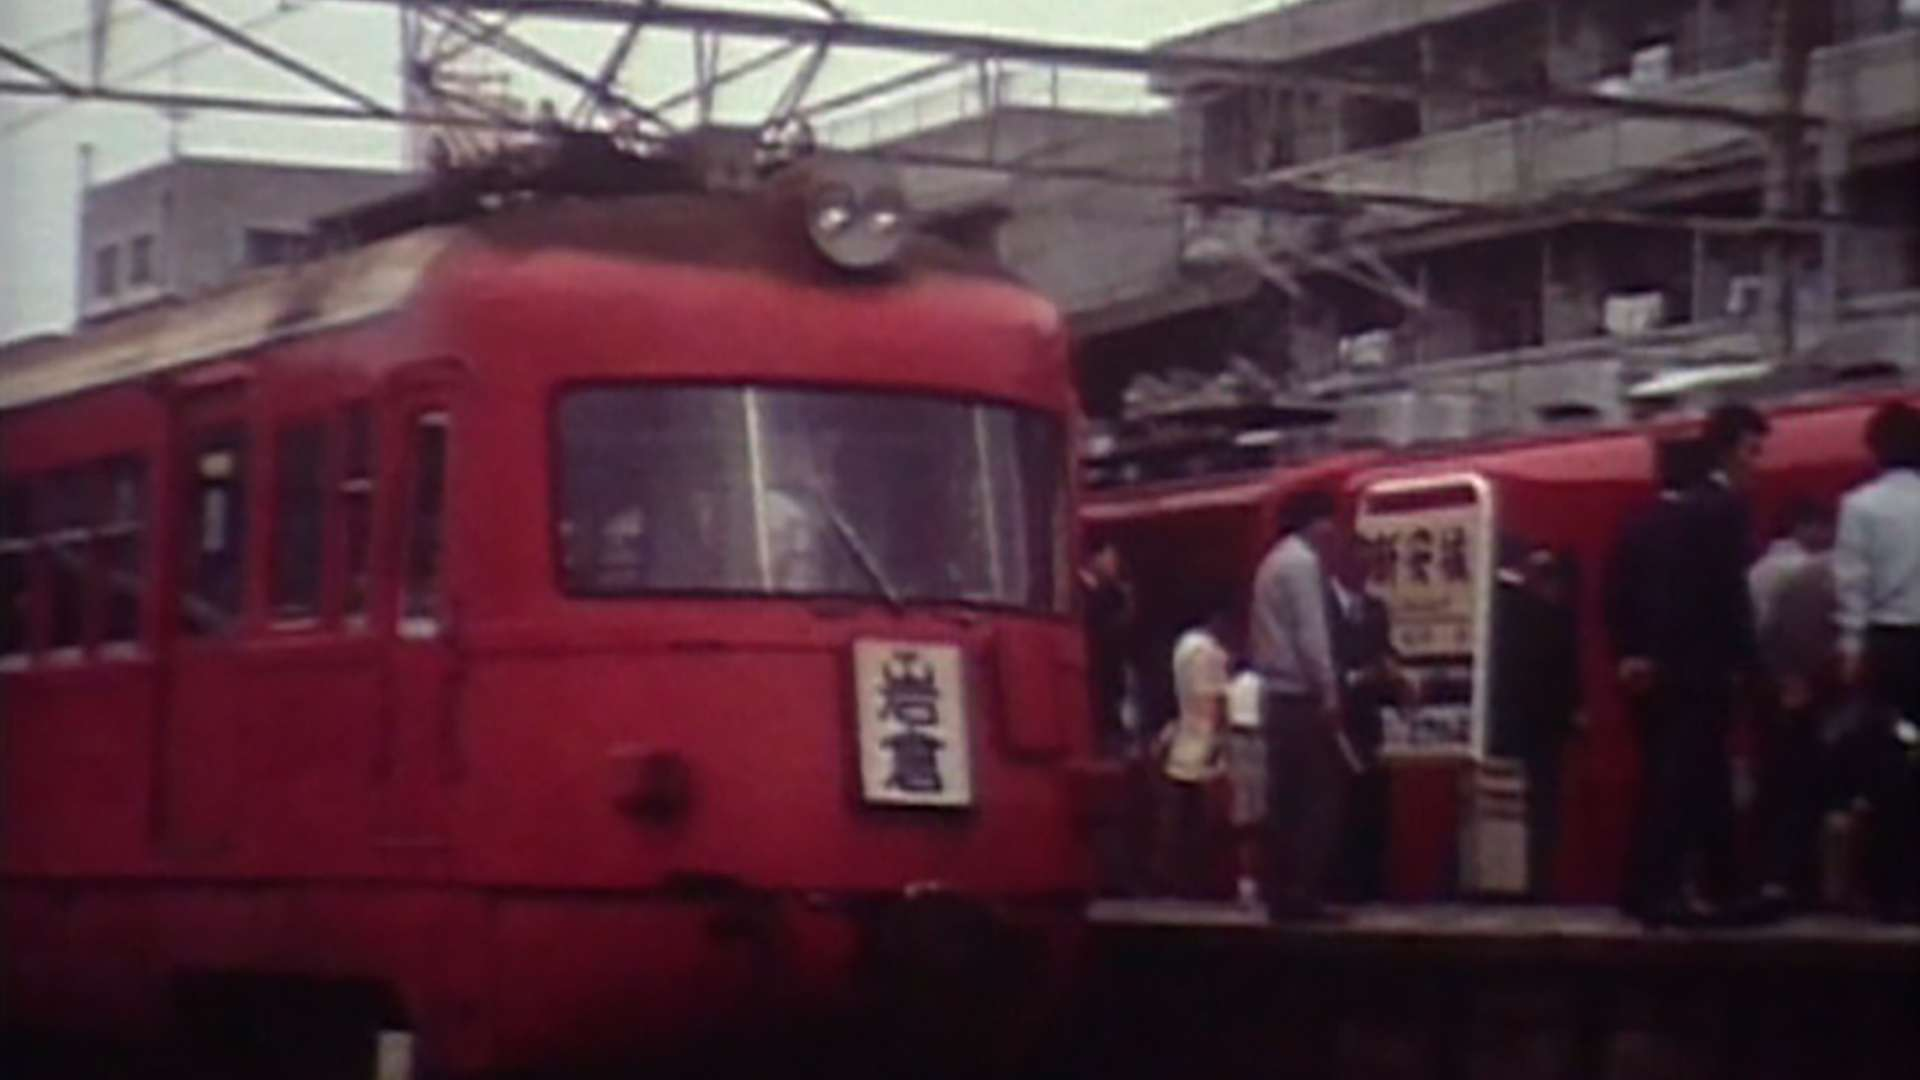 鉄道の記憶・萩原政男8mmフィルムアーカイヴスⅠ ~昭和30年代から始まる鉄道栄光の軌跡~